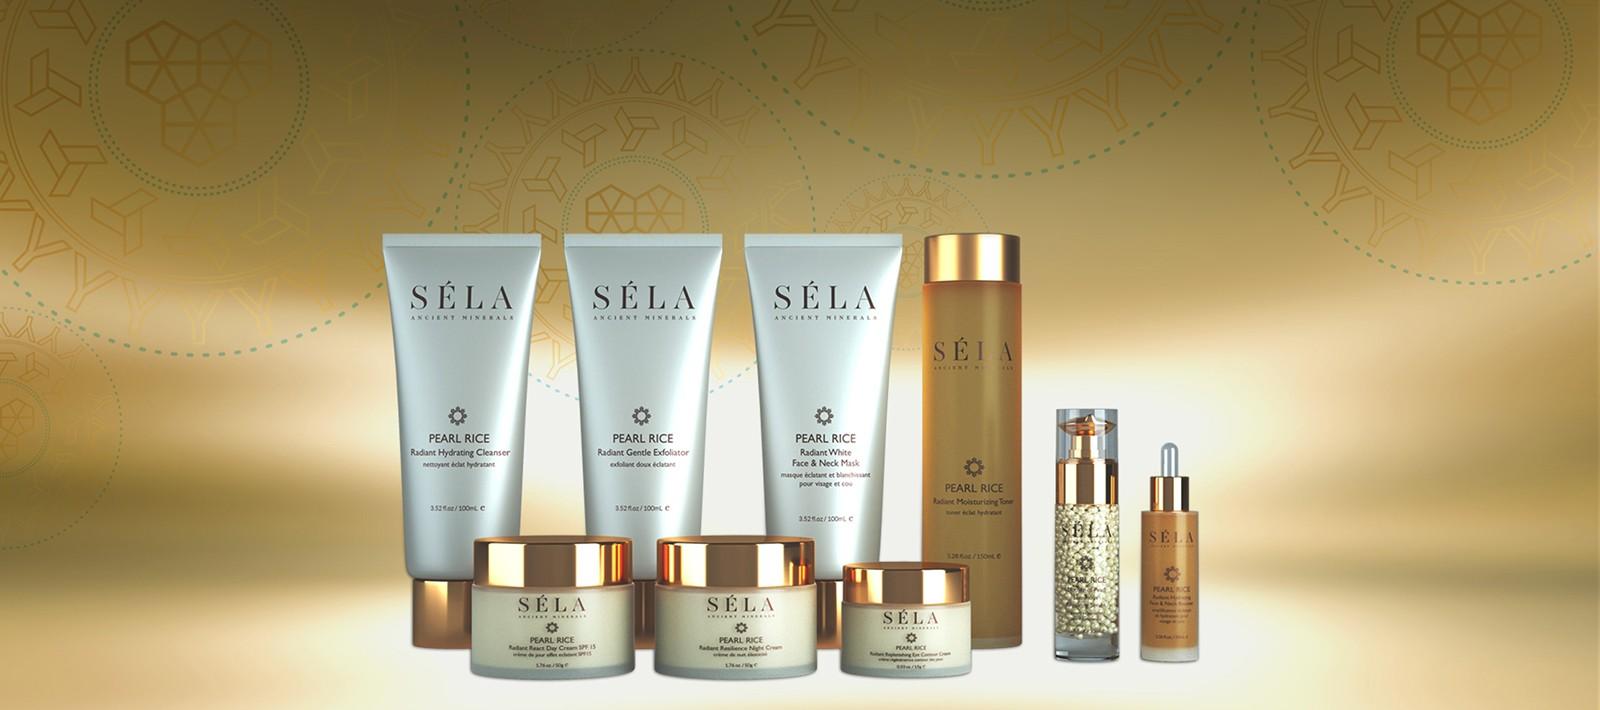 Skincare packaging design for Sela